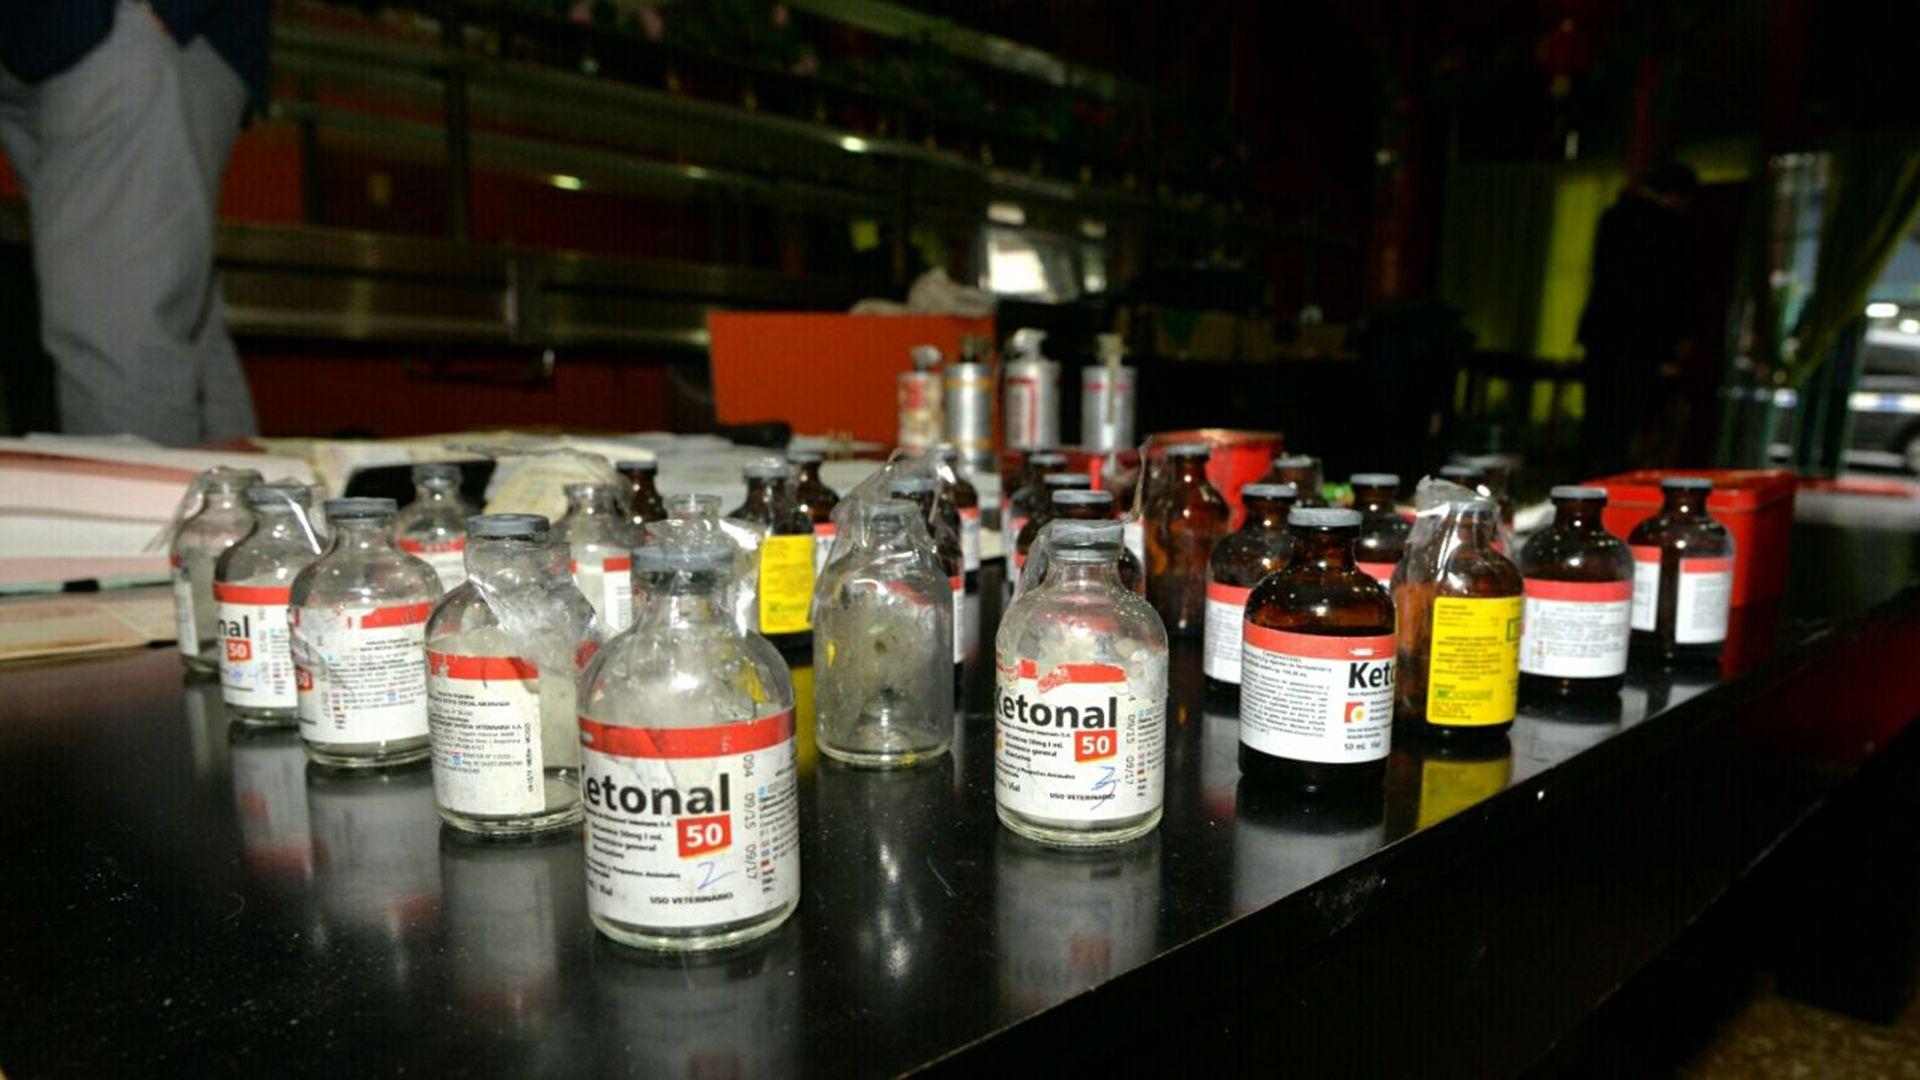 Mayo de 2017: frascos de ketamina en el tenedor libre regenteado por Pi Xiu (Ministerio de Seguridad)